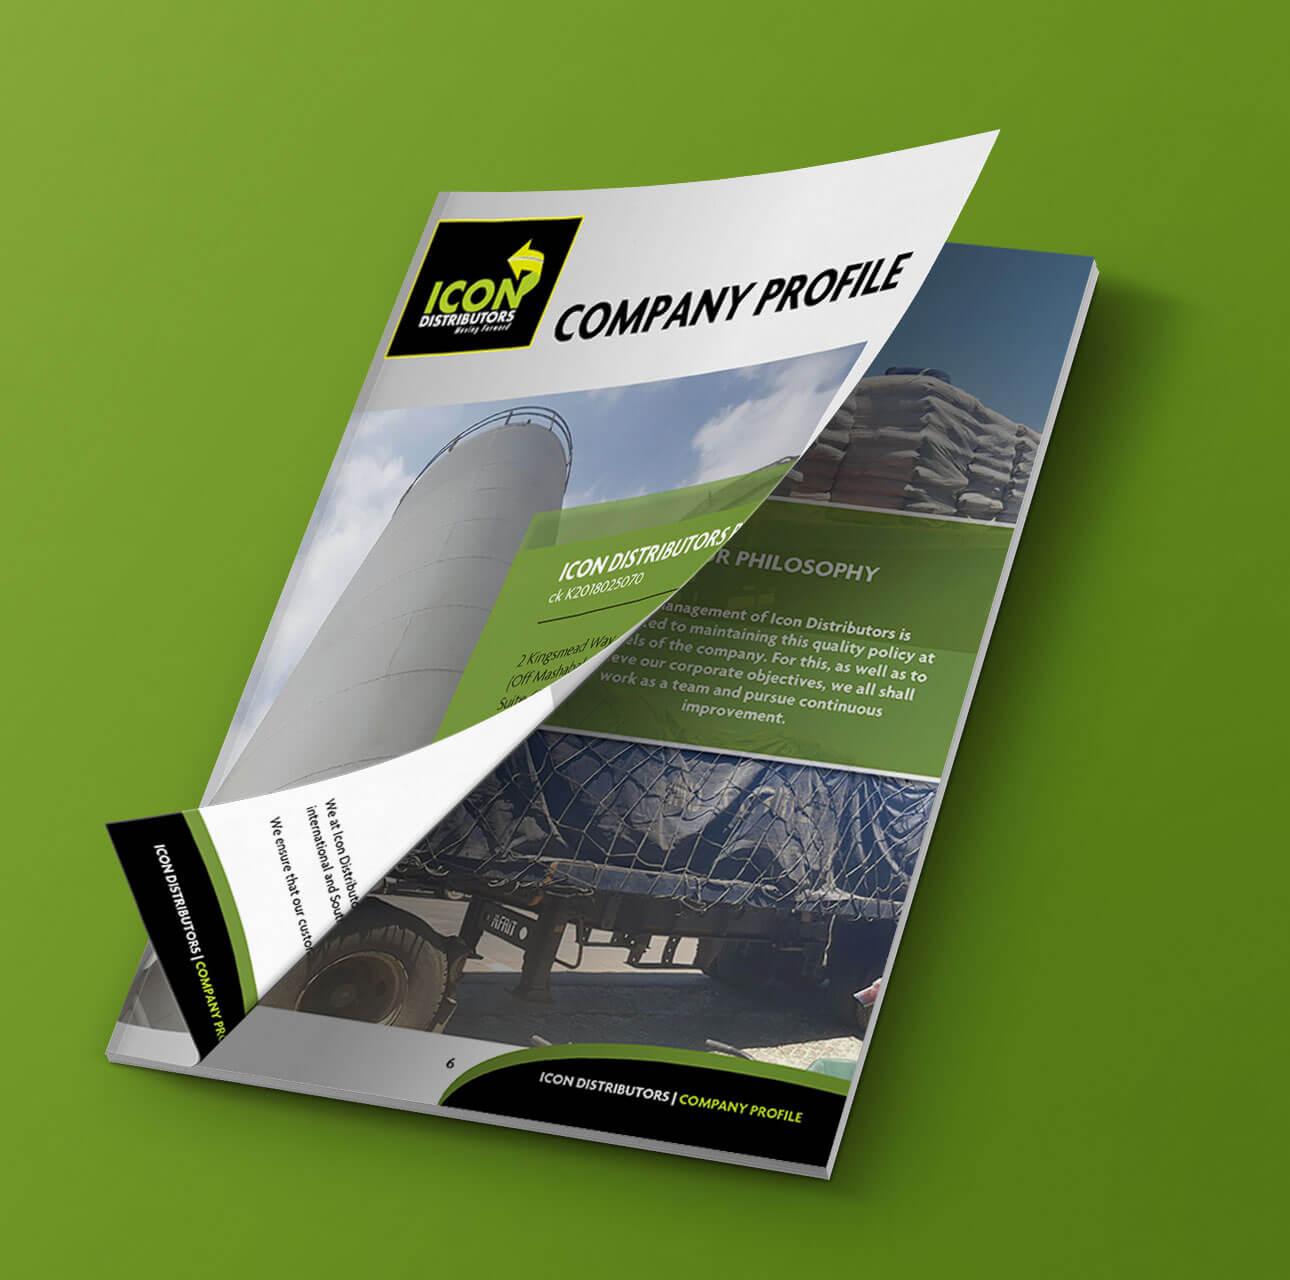 G1-Company-profile-design